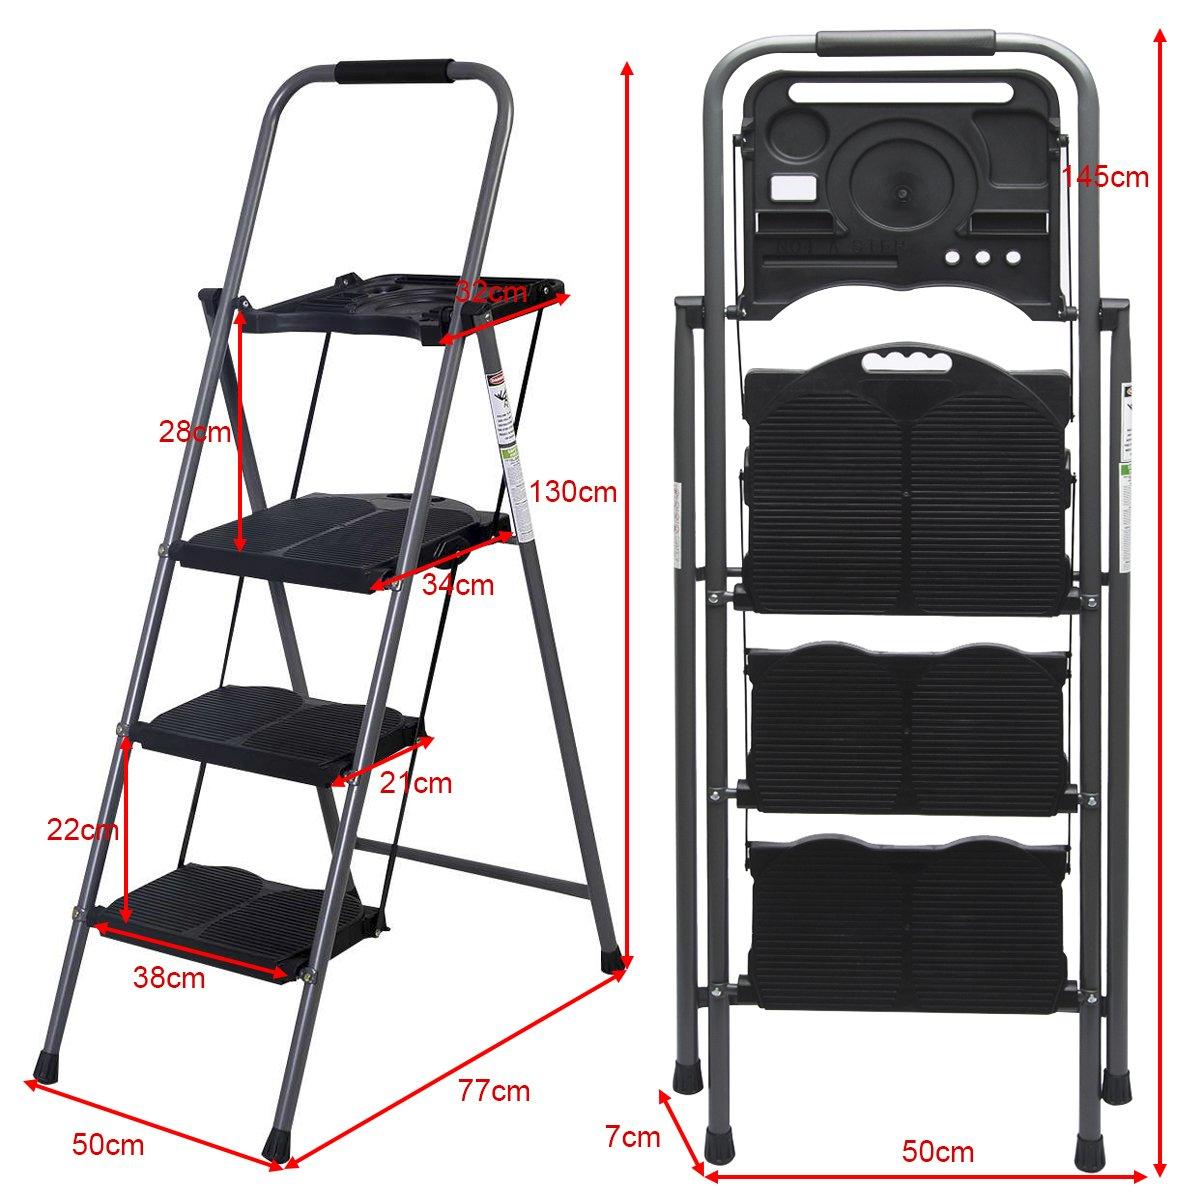 Stahl Haushaltsleiter 3 Stufen Leiter Auswahl Klapptritt Stehleiter Trittleiter Klapptleiter Klappbar Wei/ß